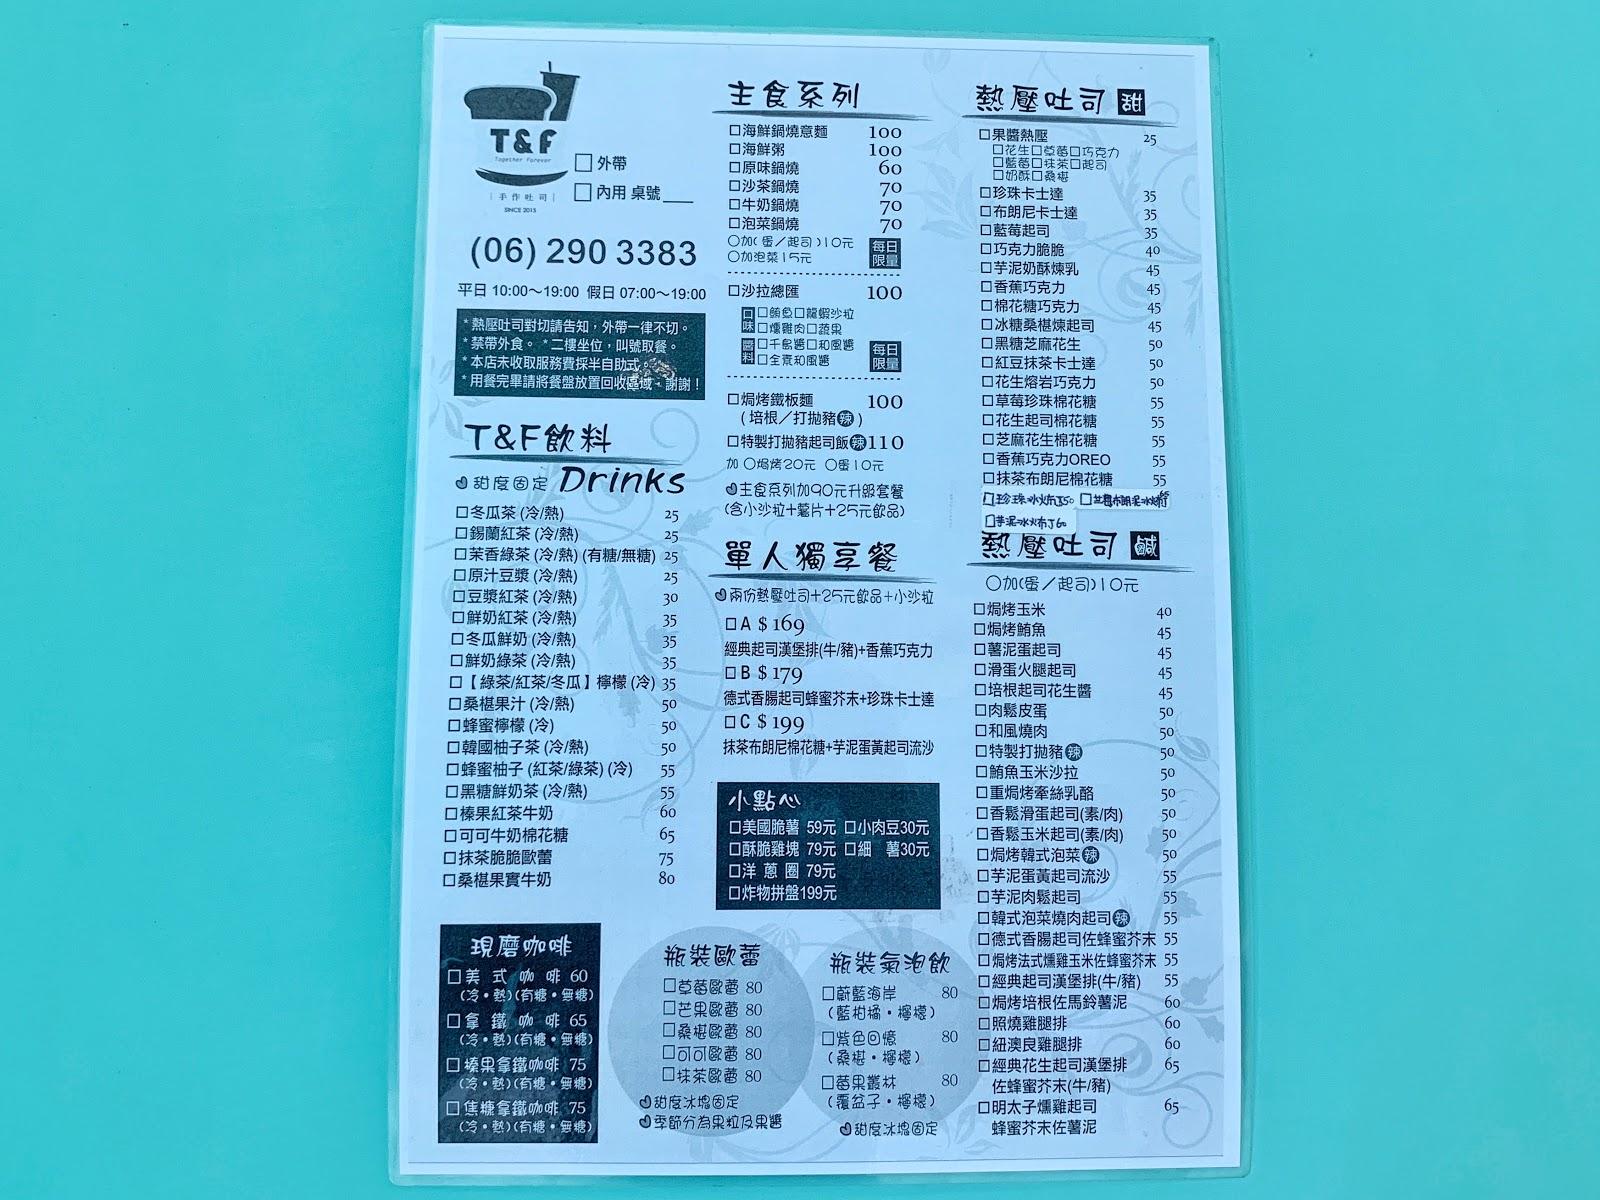 台南東區【T&F手作吐司 崇明店】菜單